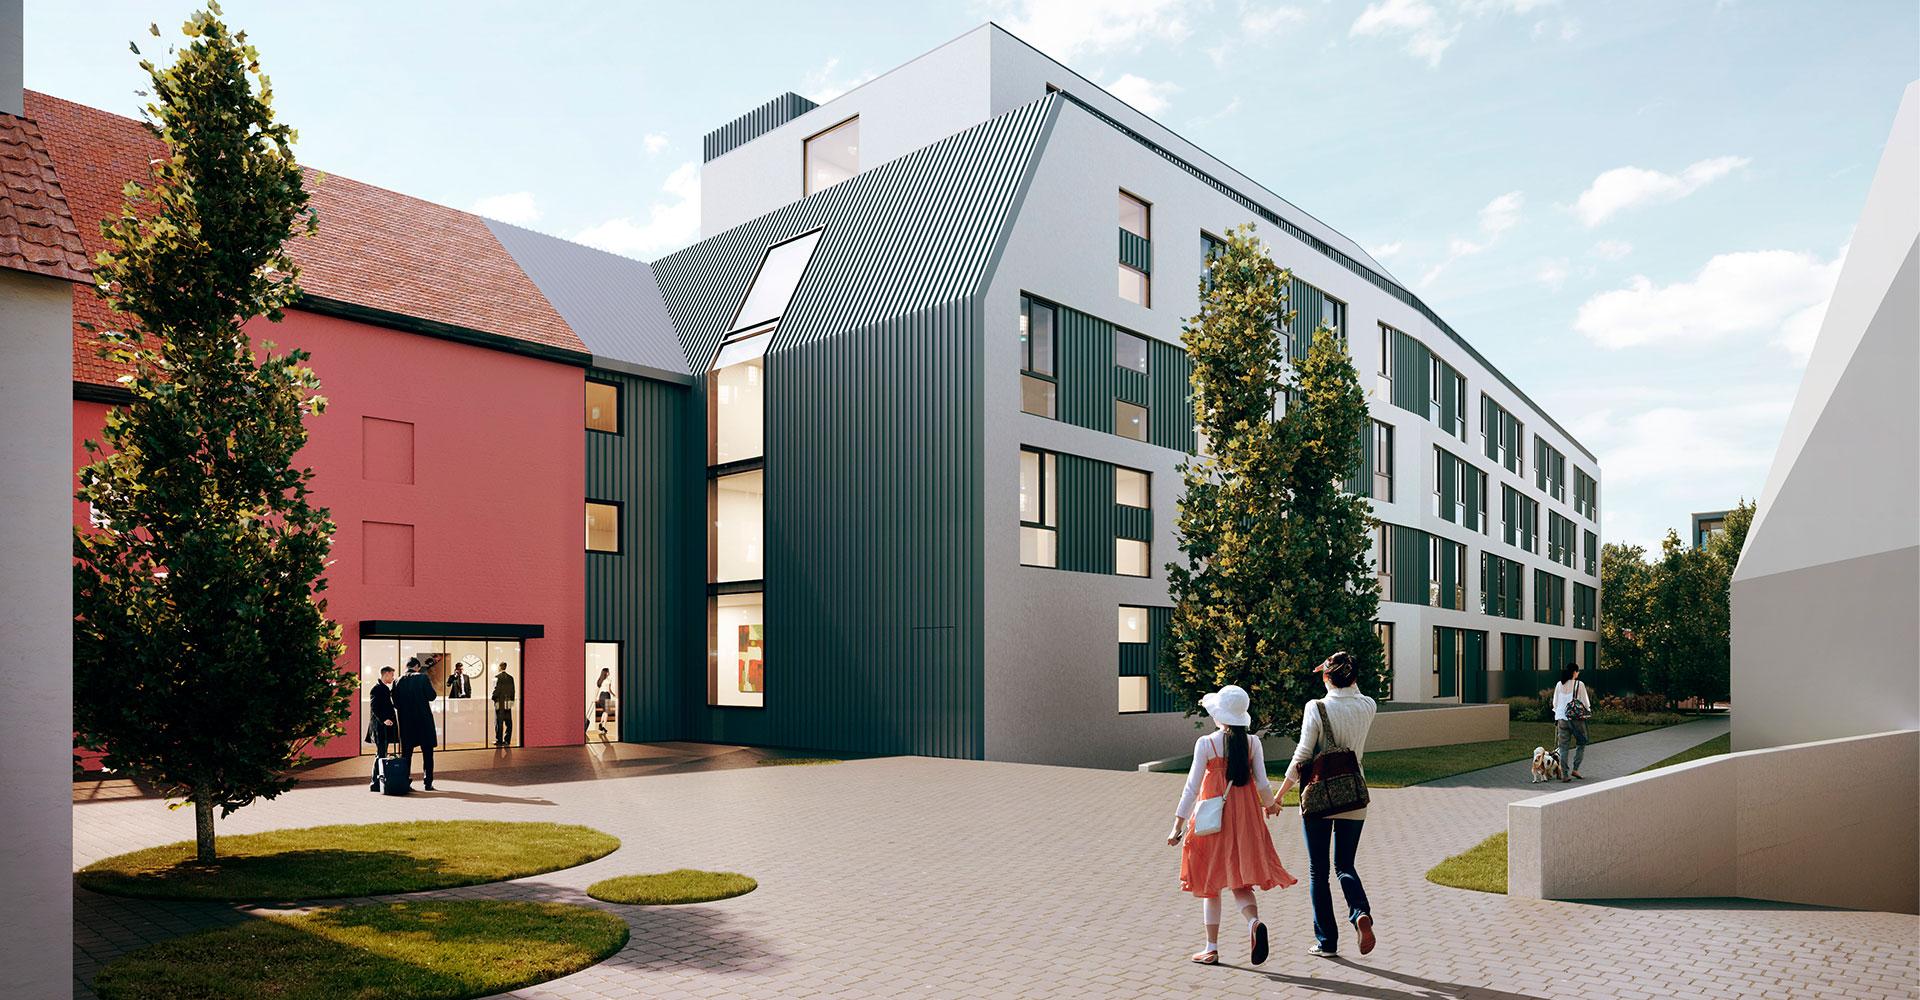 Projekte-Harburg-3_1920x1000_v2